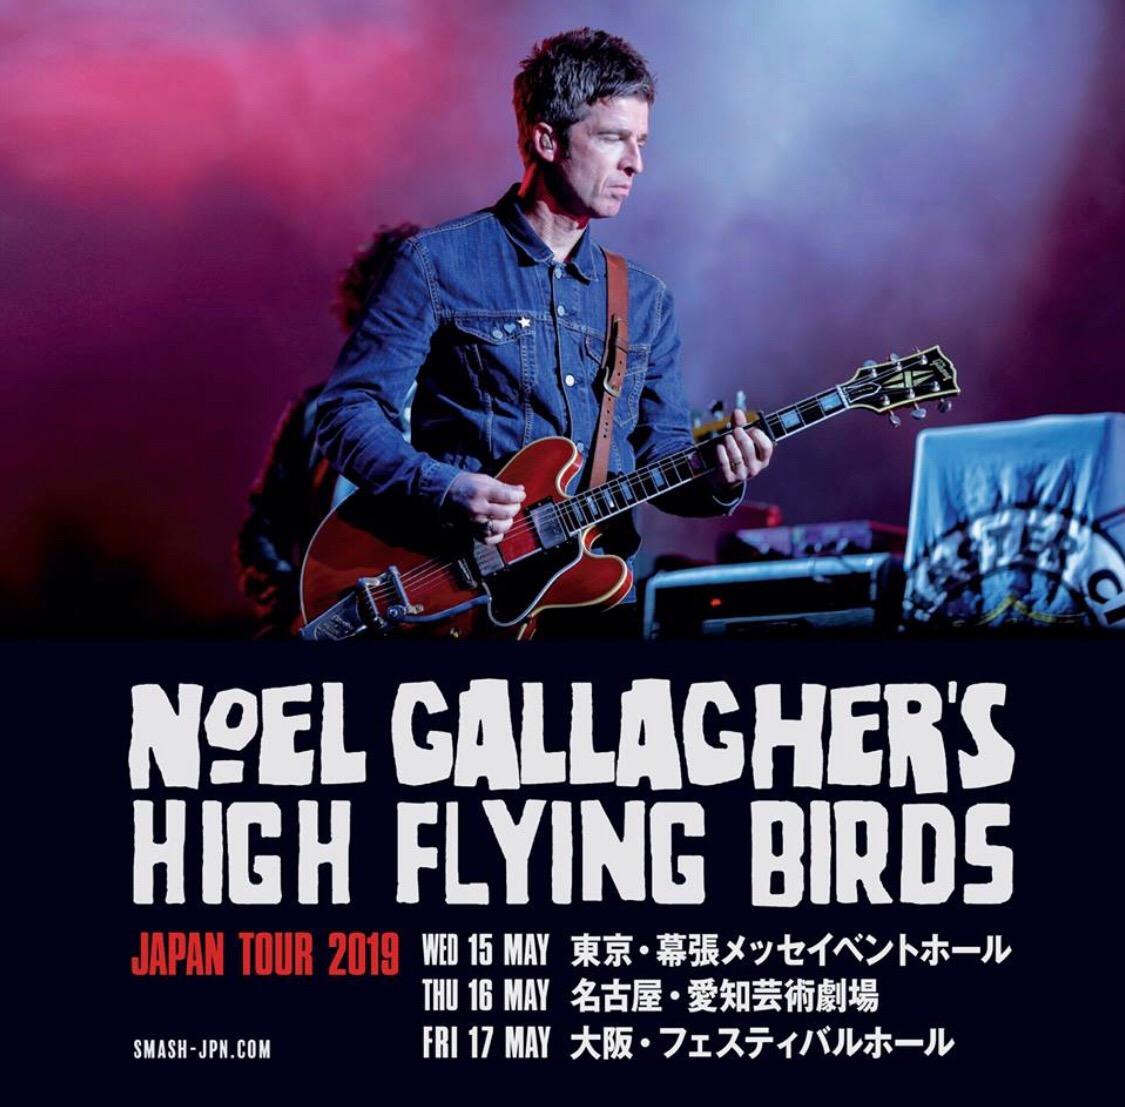 ノエル・ギャラガー2019年日本ツアー